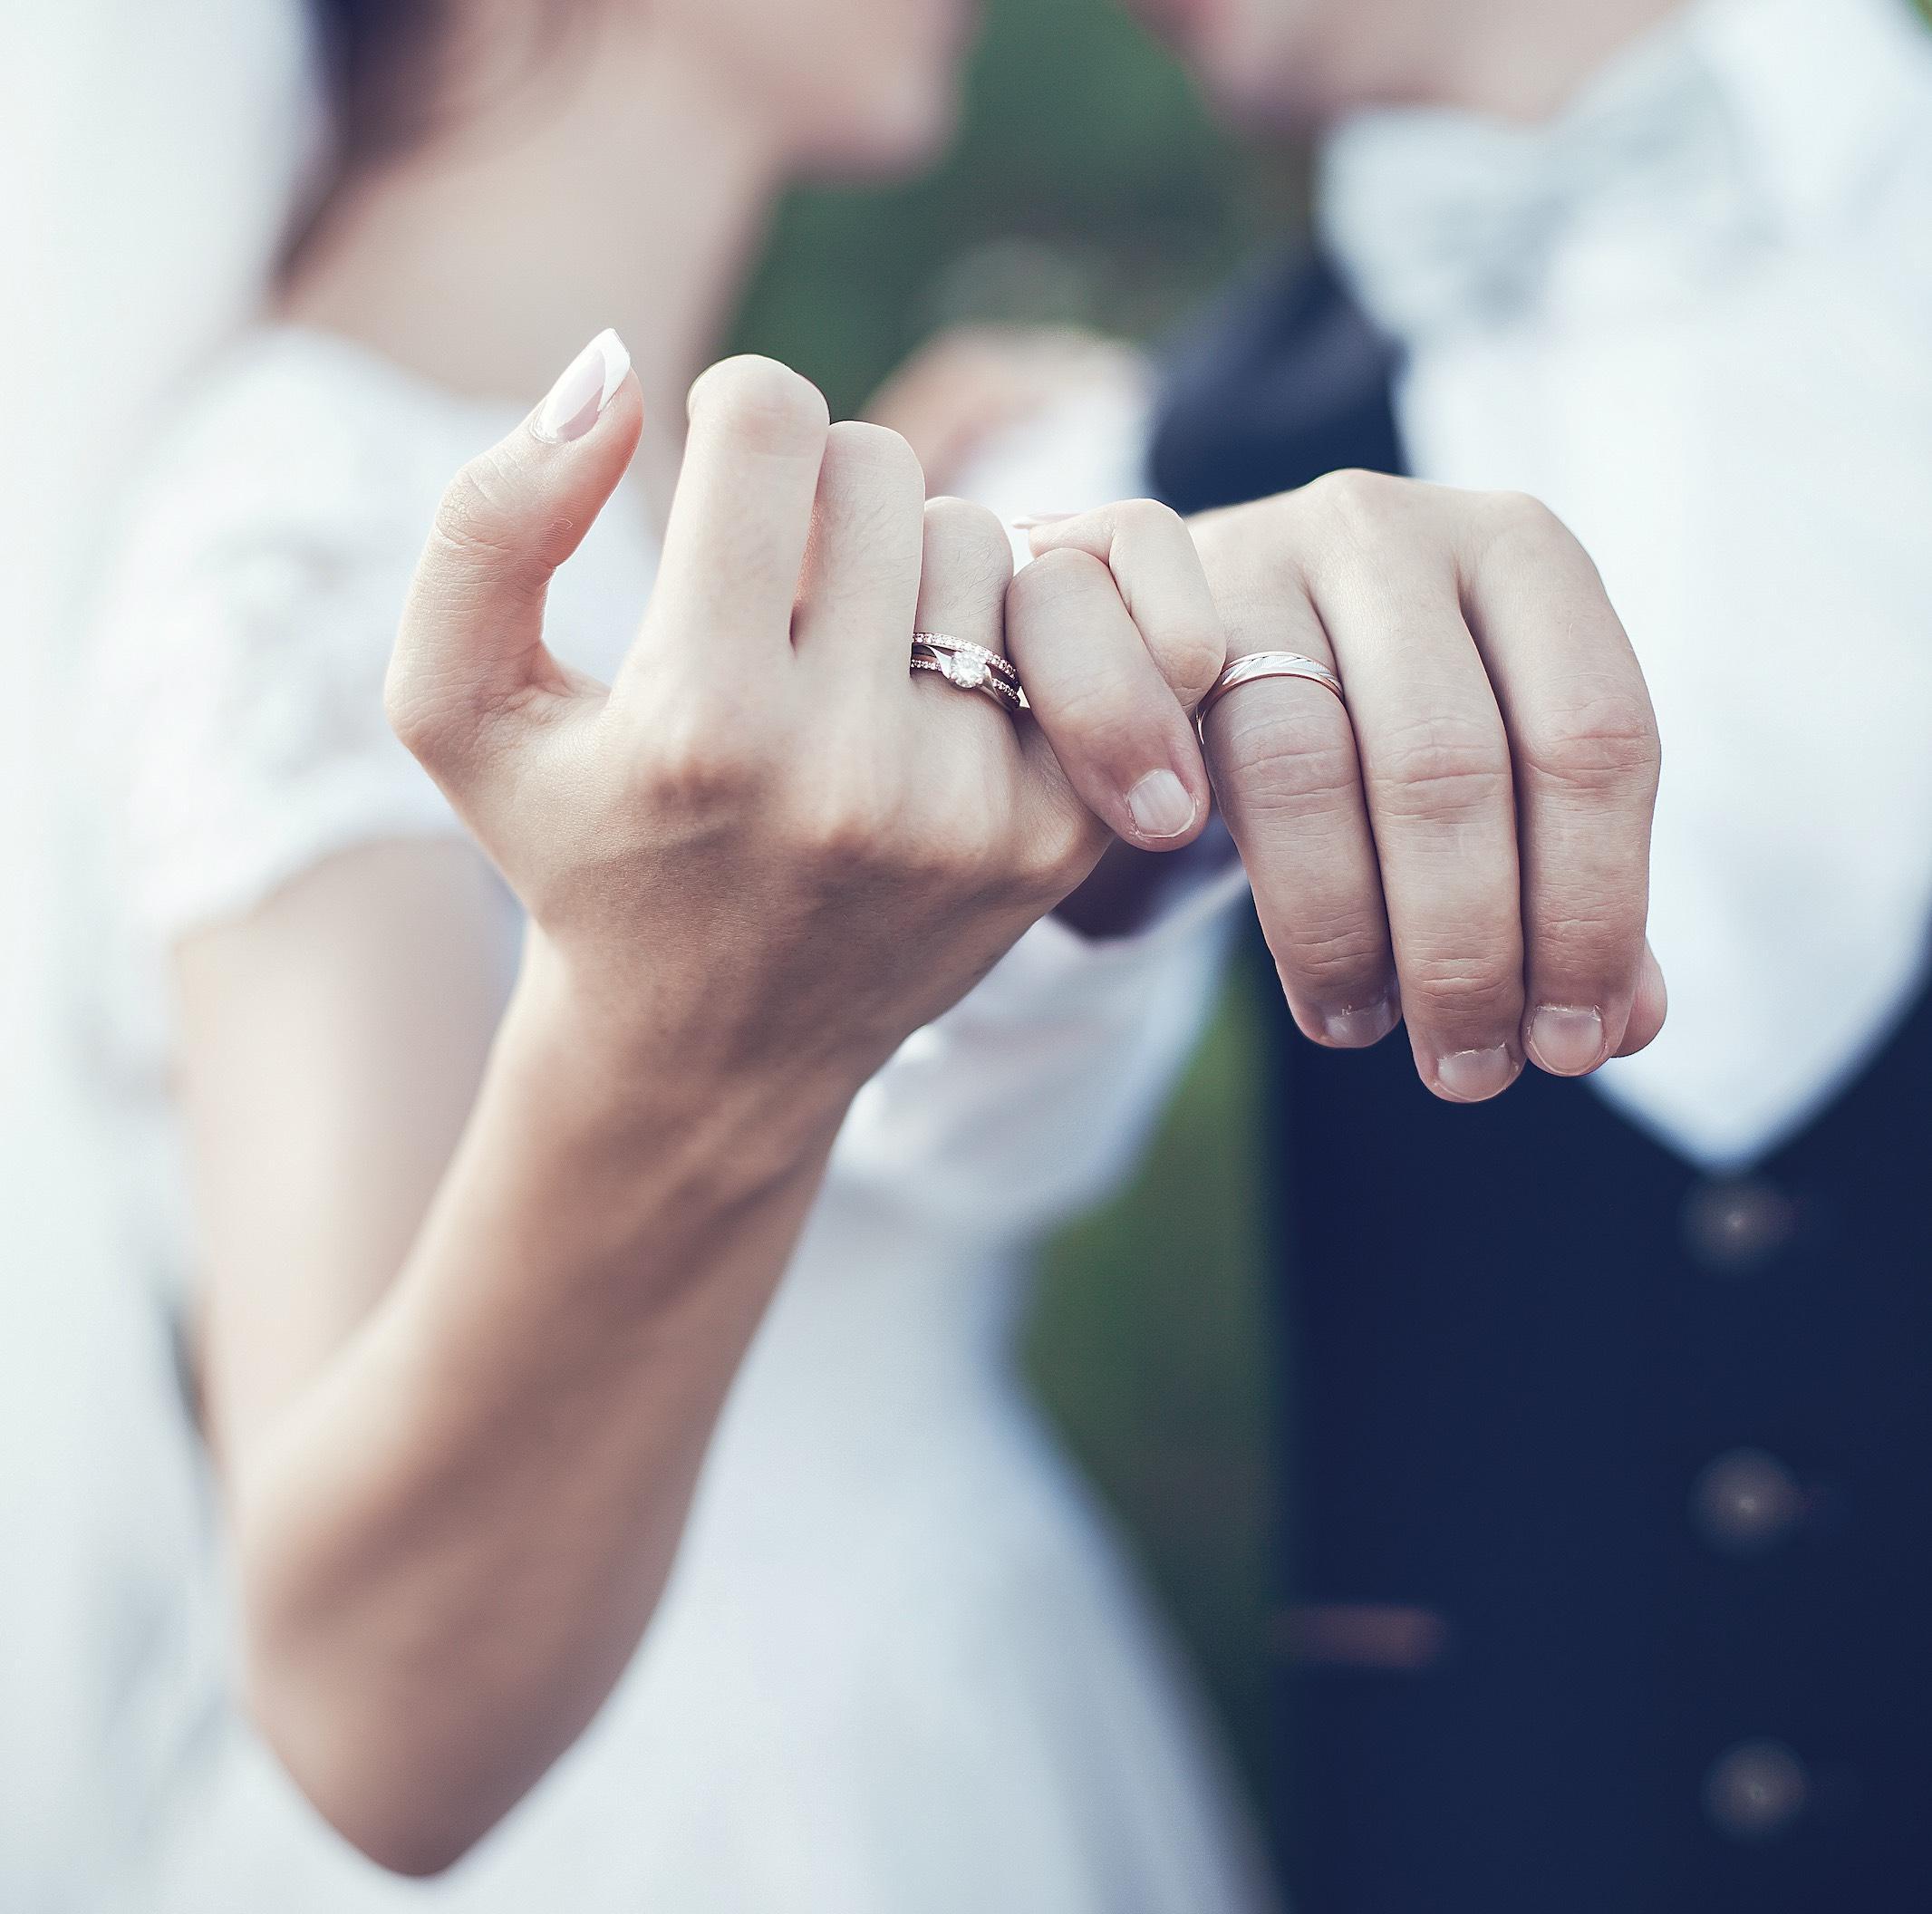 Verlobungsring nach der Hochzeit tragen? Verlobungsring